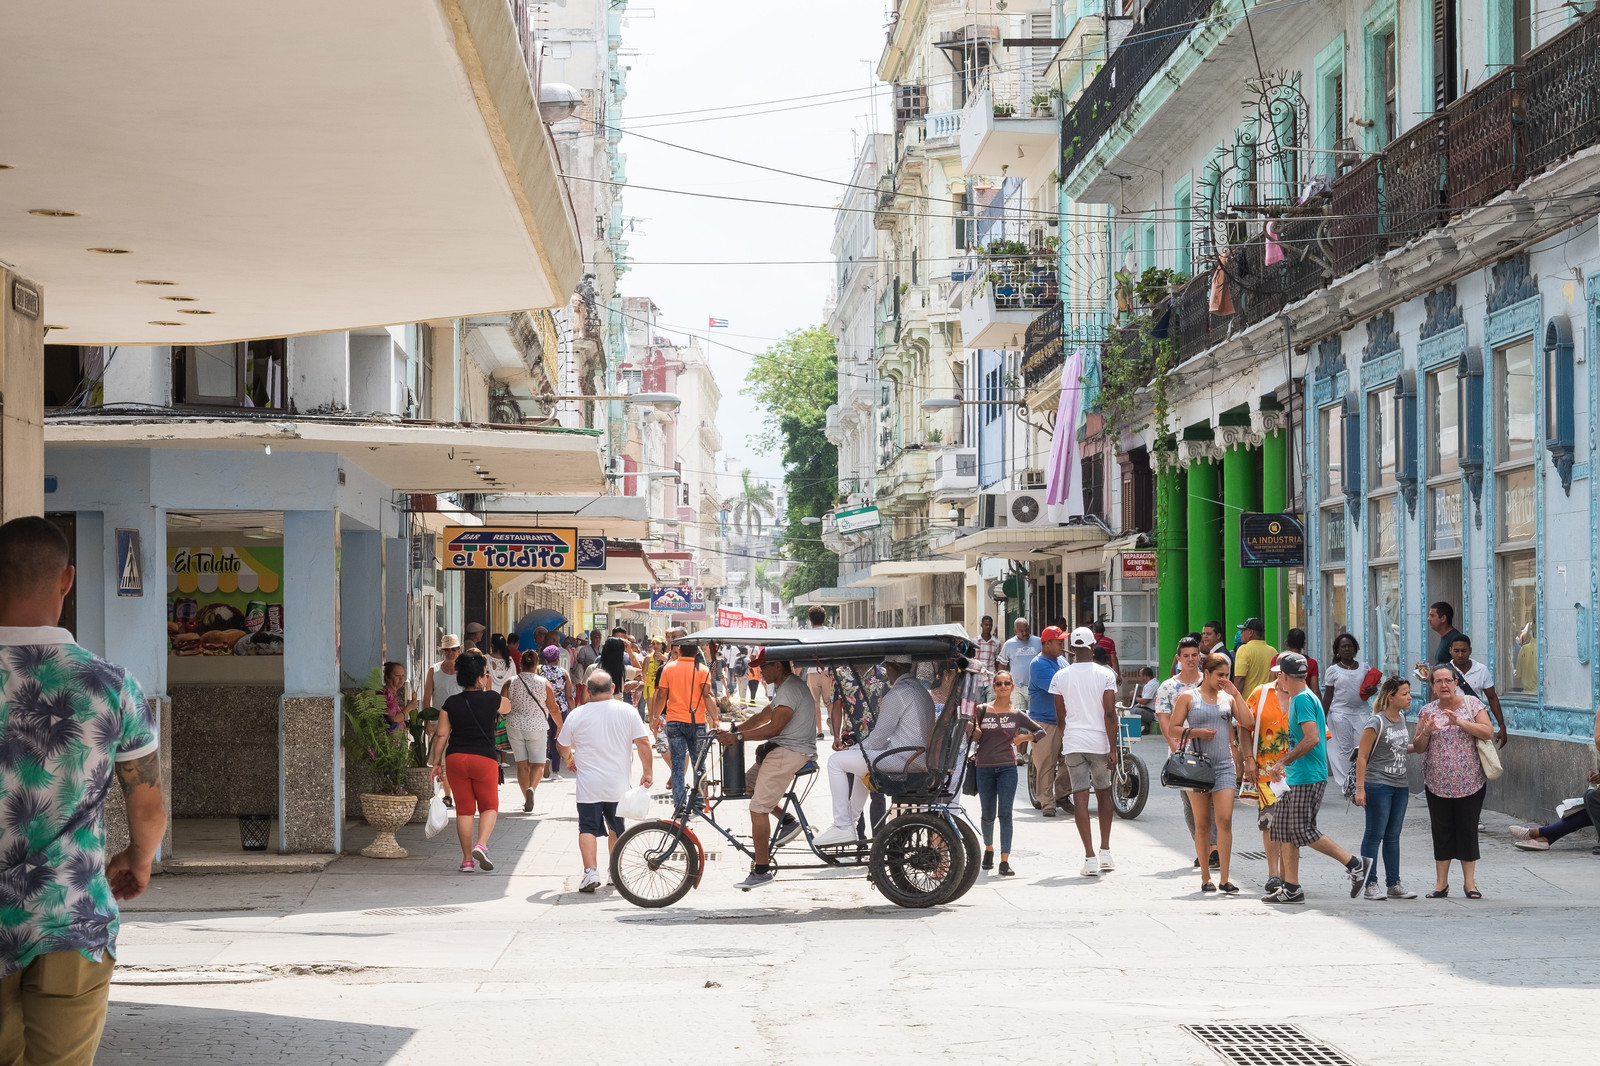 「首都ハバナの街並みと人混み」の写真